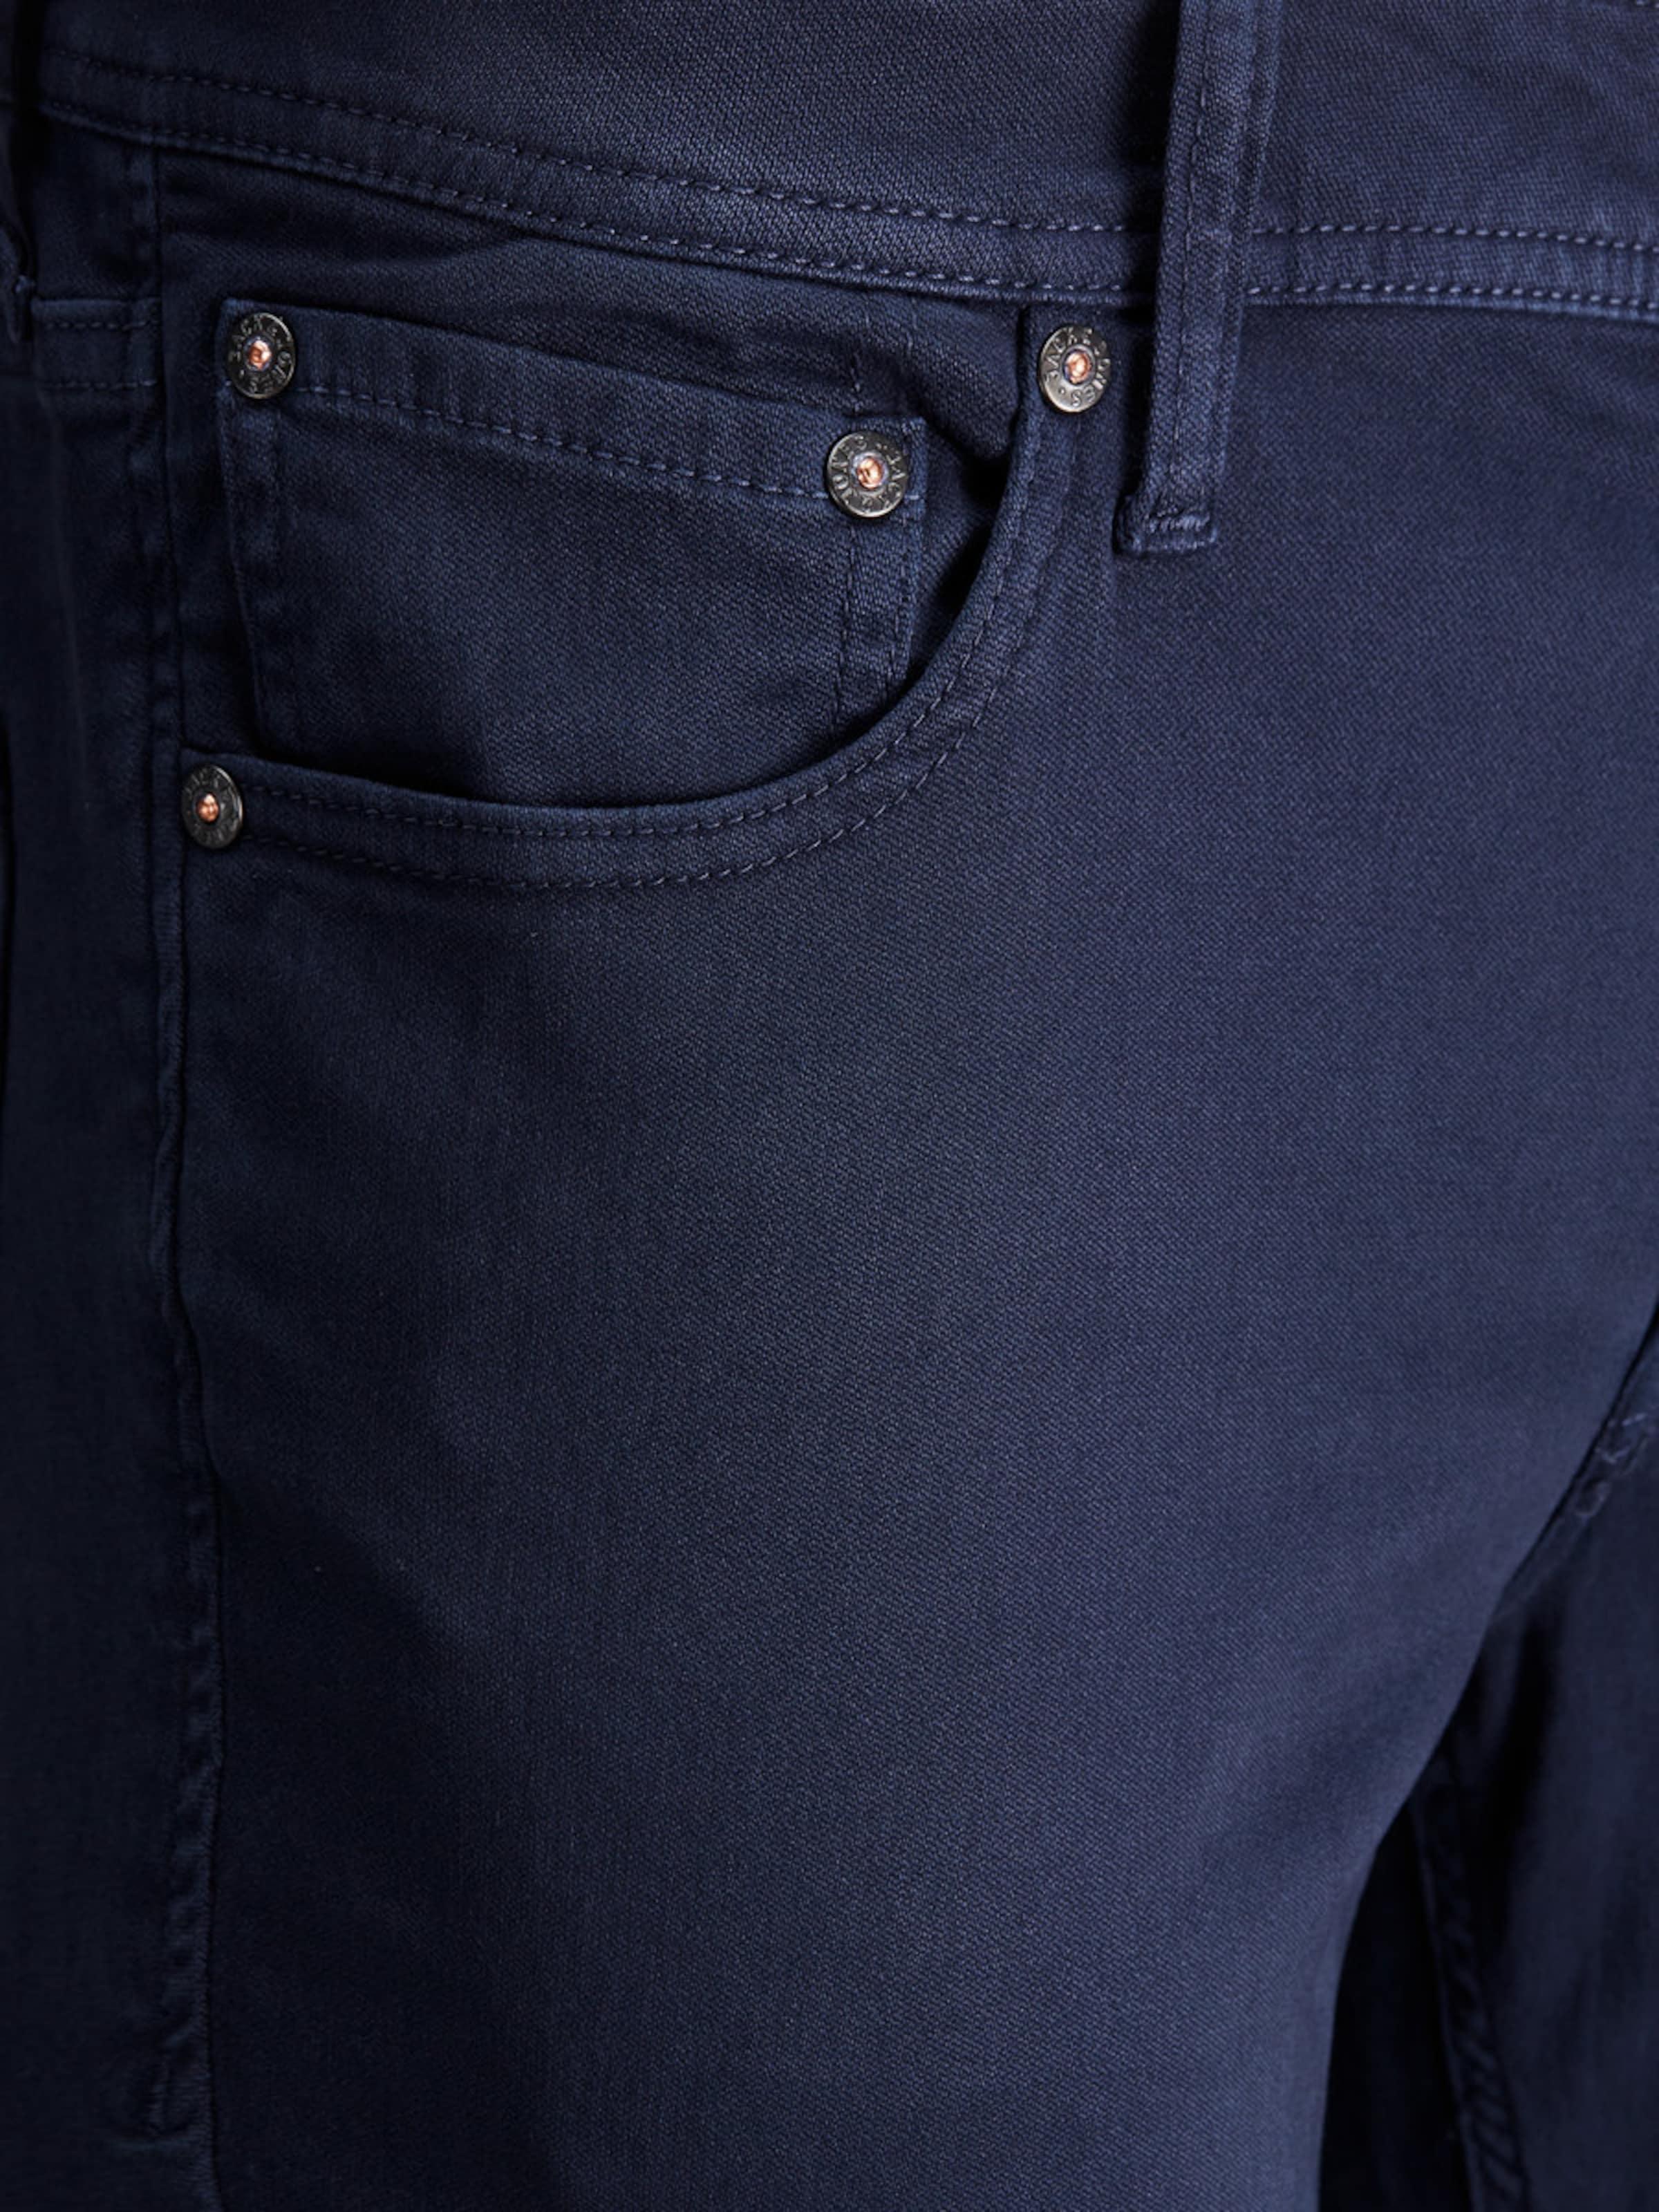 Verkauf Fabrikverkauf Ebay Günstig Online JACK & JONES Hose 'GLENN ORIGINAL AKM 696' Outlet Günstigen Preisen Billig Verkauf Neue Stile GFzEa8J